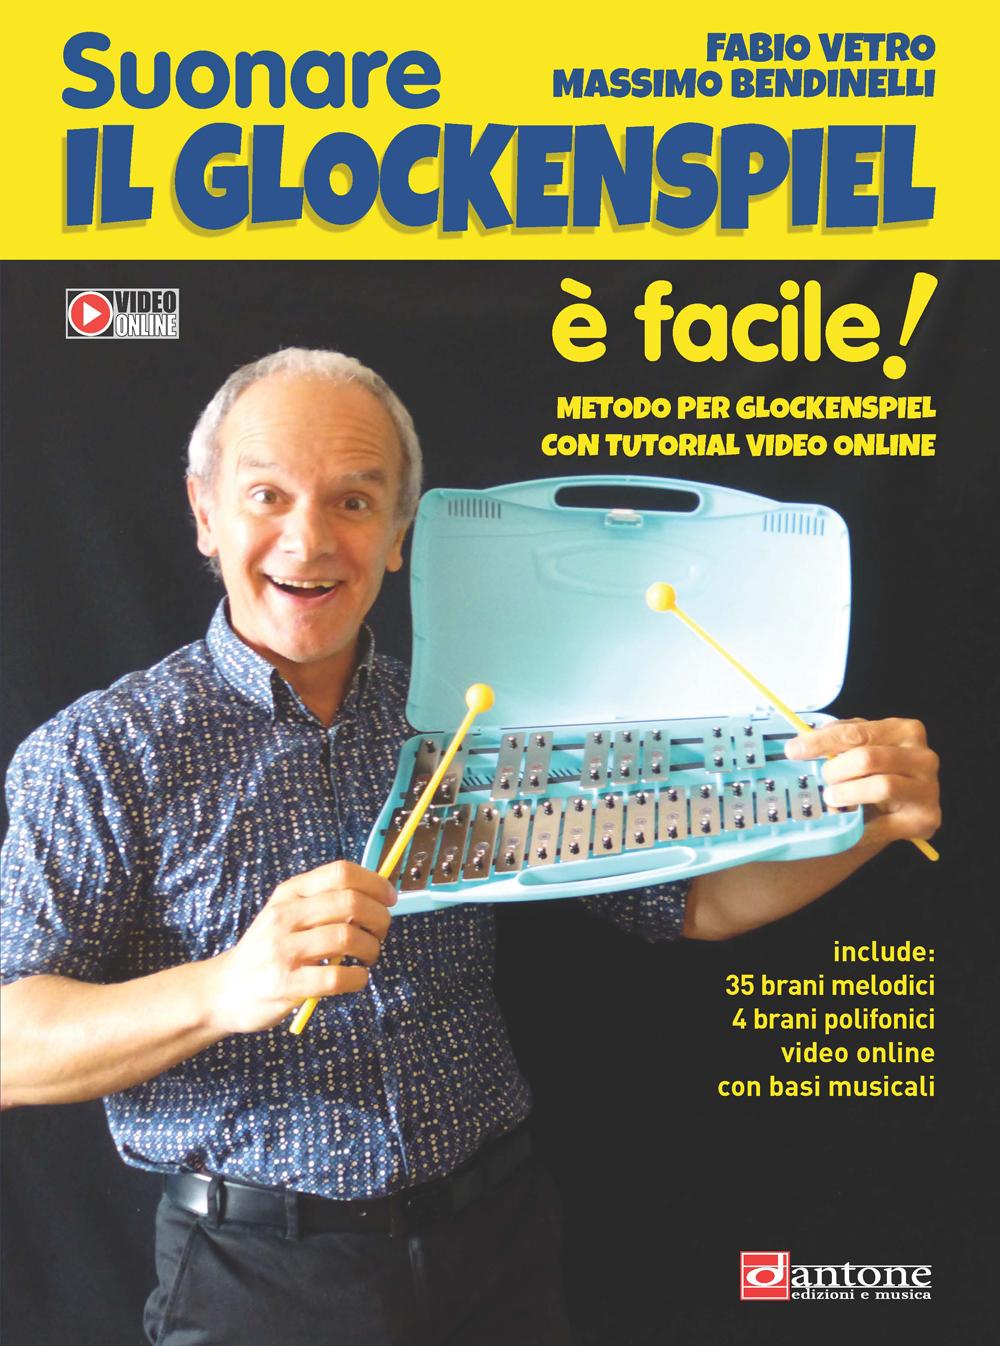 Fabio Vetro Massimo Bendinelli: Suonare Il Glockenspiel È Facile: Bells: